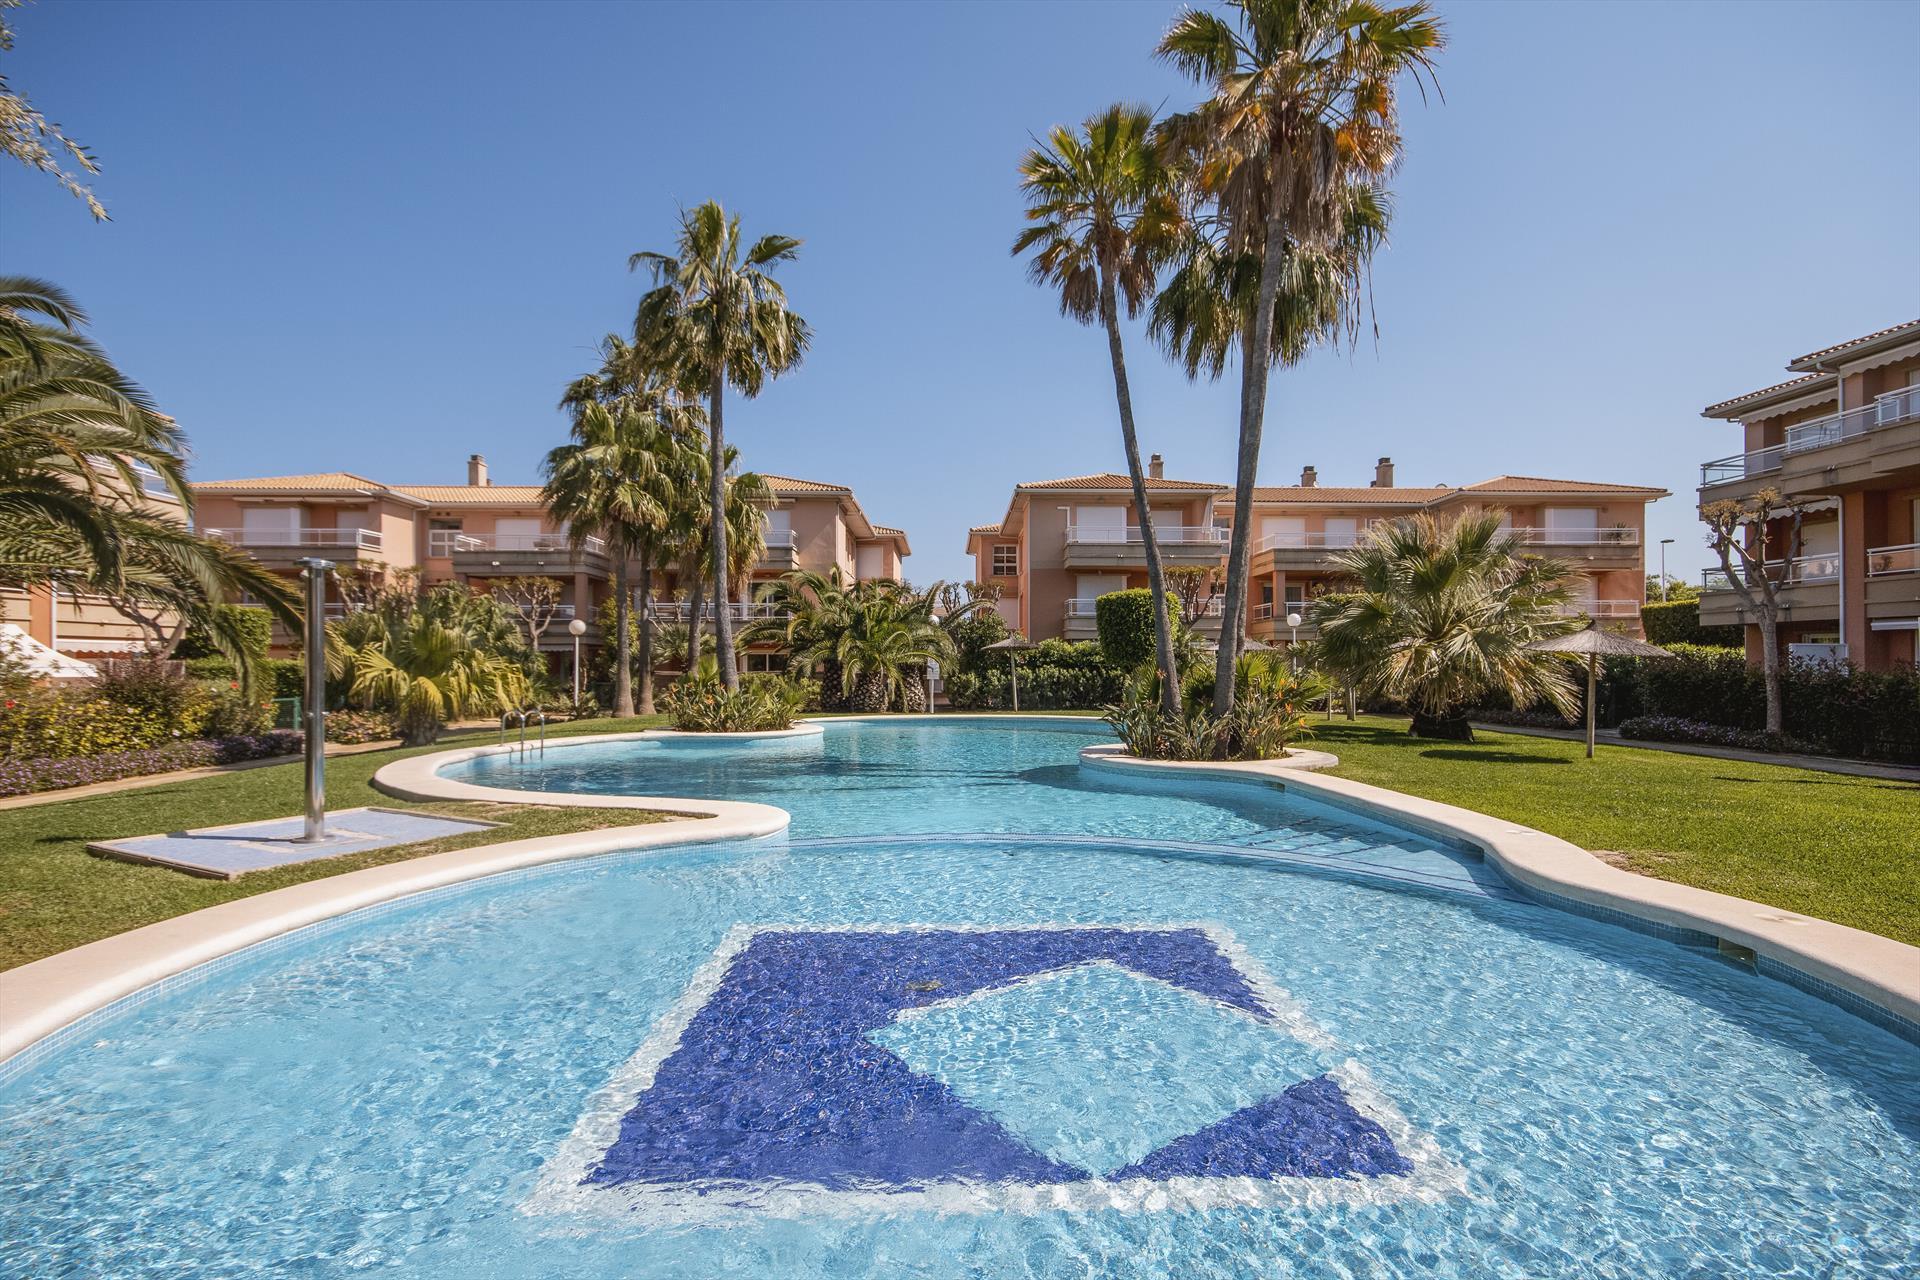 La Senia,Apartamento clásico y confortable en Javea, en la Costa Blanca, España  con piscina comunitaria para 4 personas...